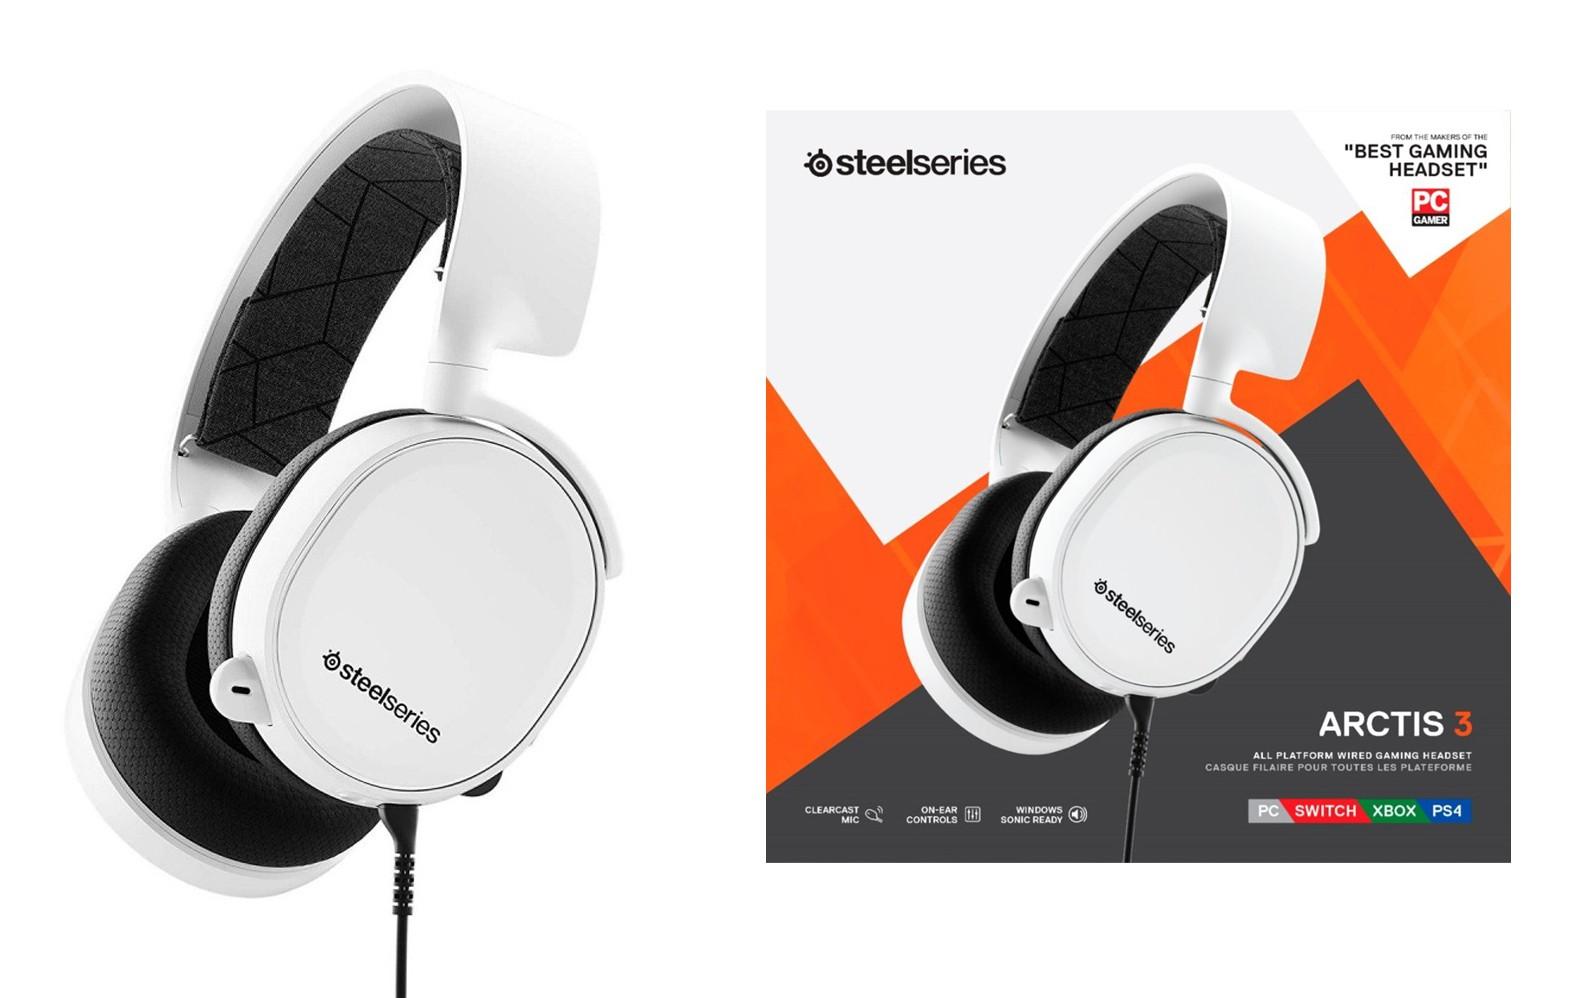 Steelseries Arctis 3 Baltos (2019 Edition) žaidimų ausinės | 3.5mm